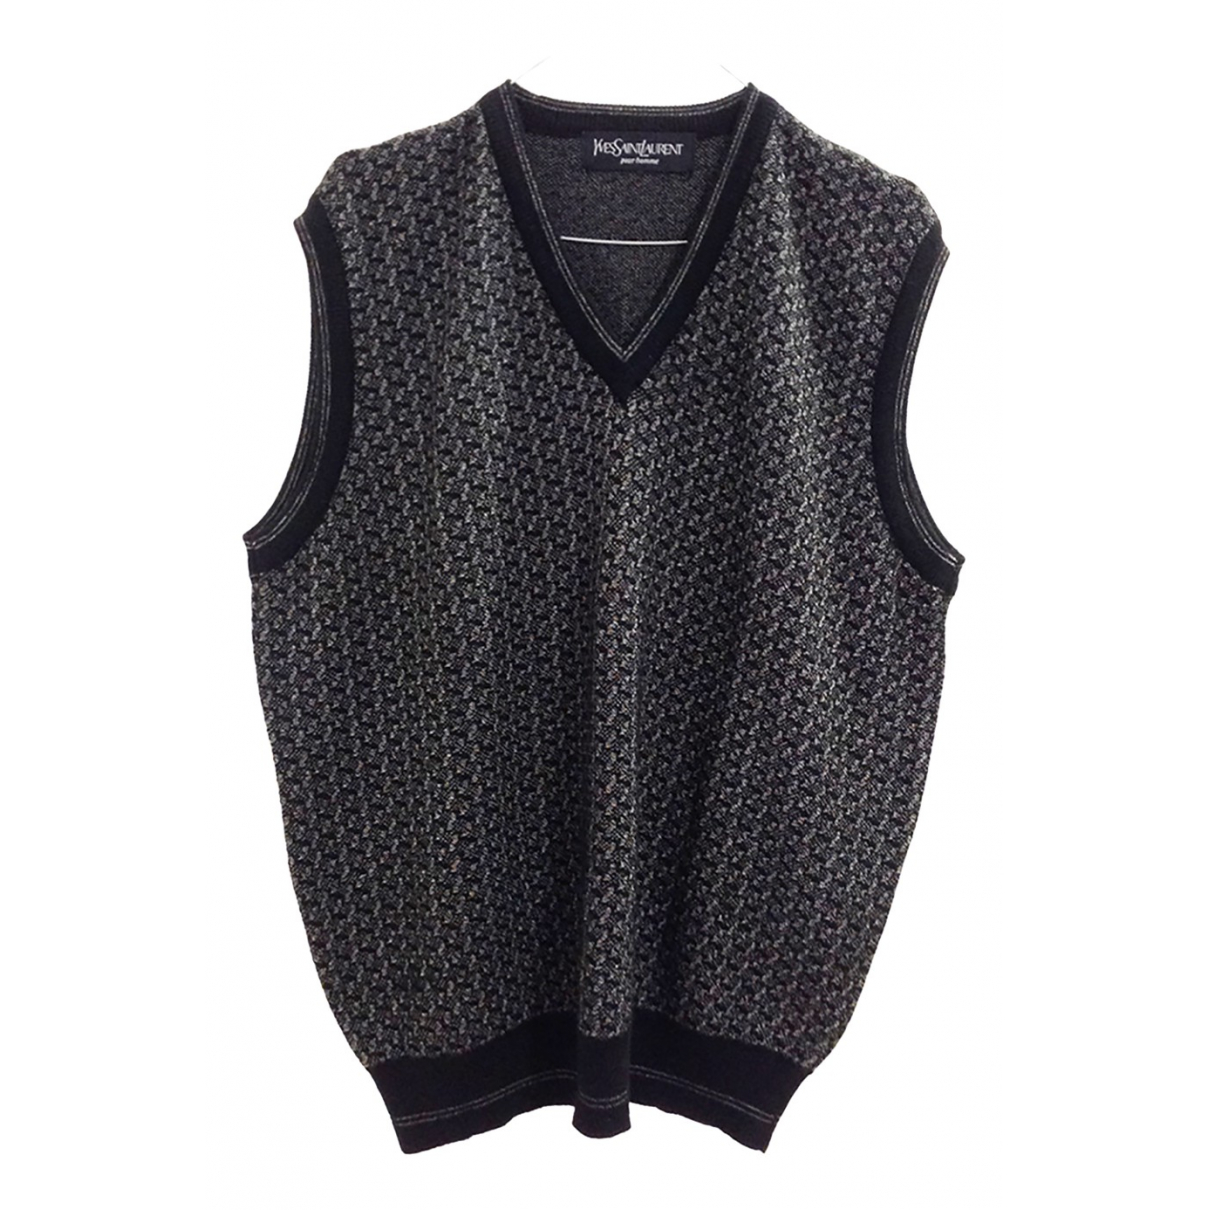 Yves Saint Laurent - Pulls.Gilets.Sweats   pour homme en laine - multicolore